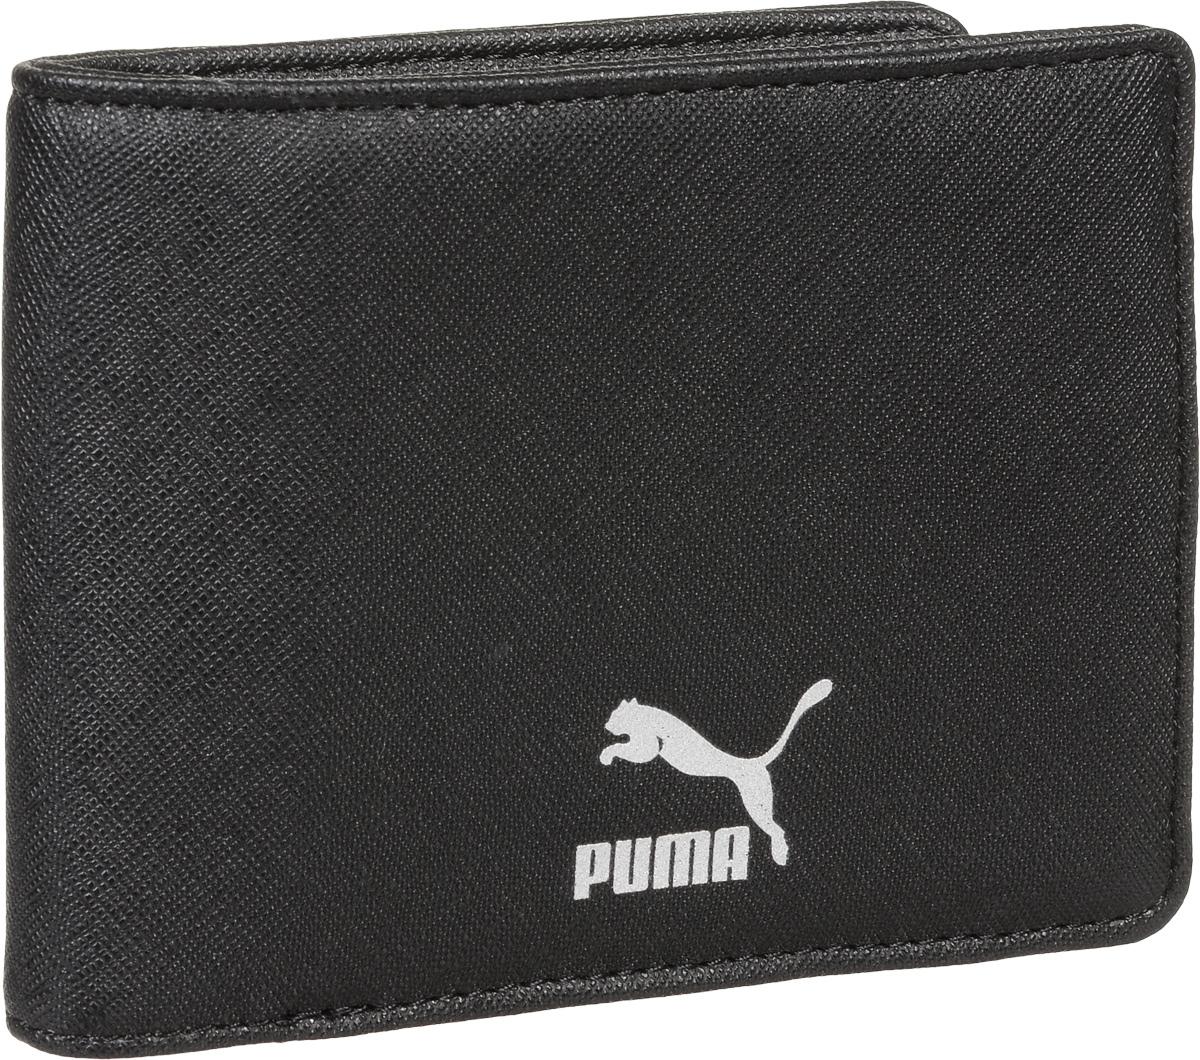 Бумажник Puma Originals Billfold Wallet, цвет: черный. 0743710107437101Бумажник имеет несколько отделений для банкнот и кредитных карт, функциональную подкладку из полиэстера с тематическим набивным рисунком по всех поверхности, тисненый логотип Puma внутри и металлический серебристый логотип Puma спереди.